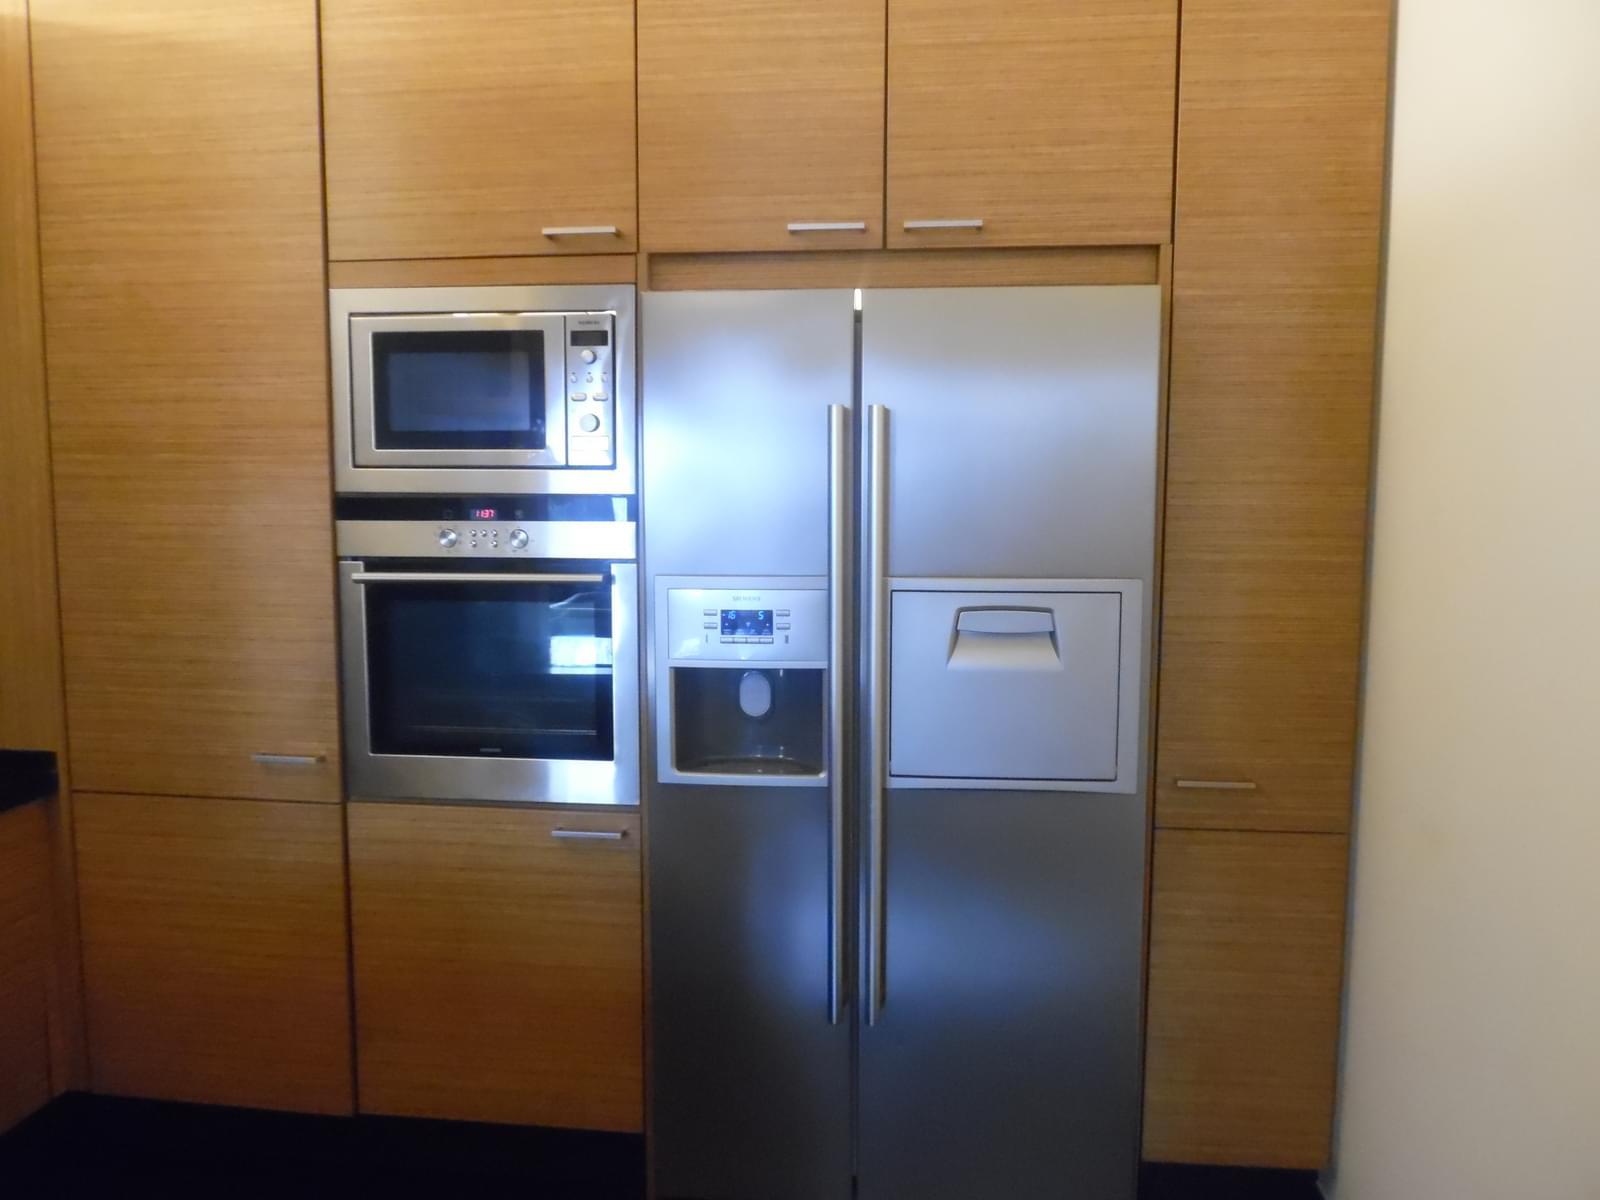 pf17454-apartamento-t4-lisboa-768148a0-d751-4c63-b91c-0d94aae1e350